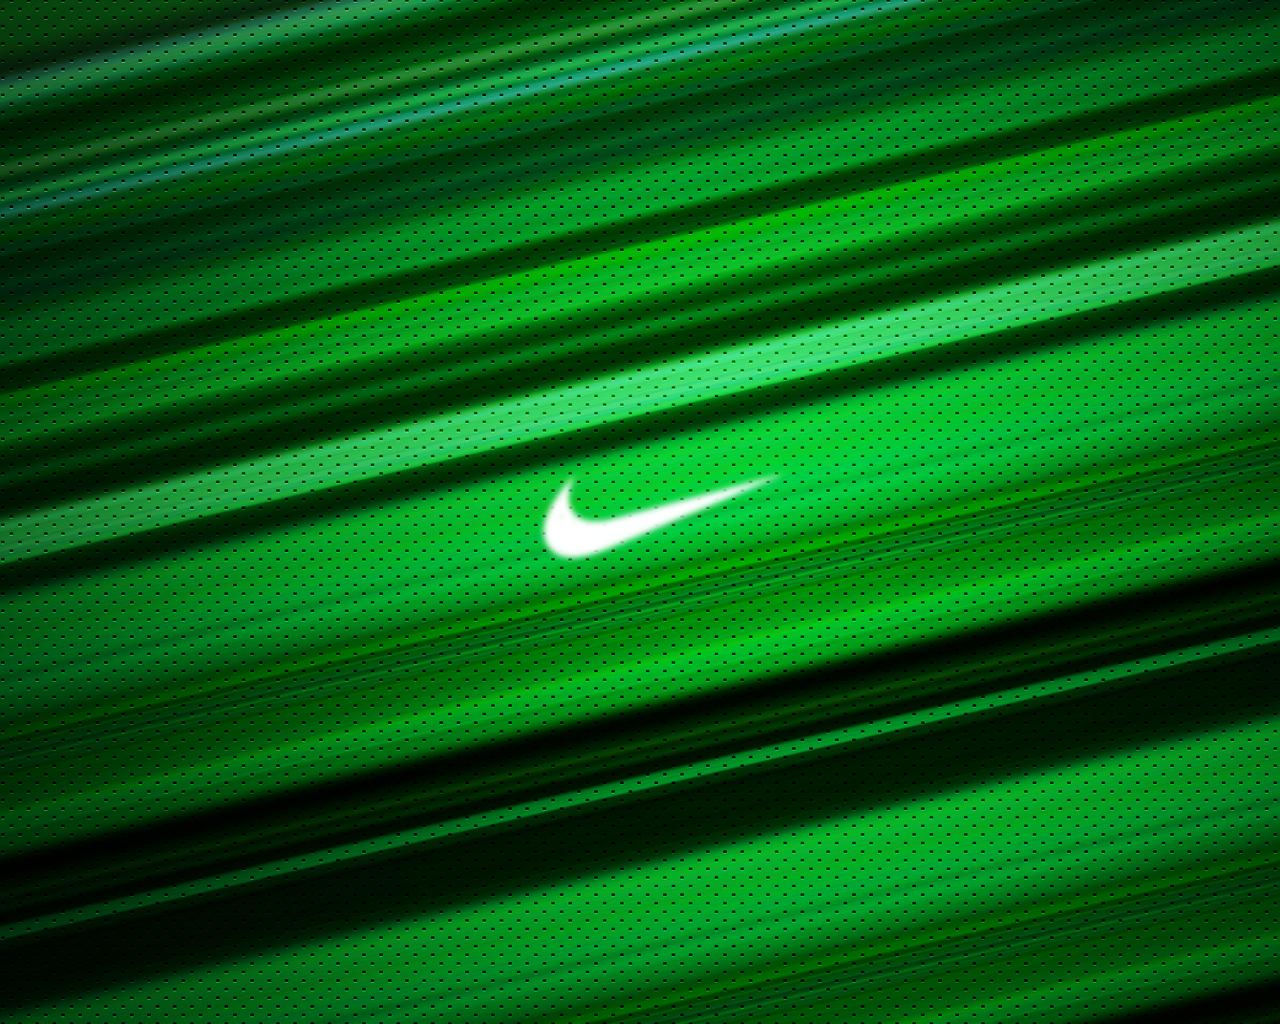 Green Desktop Wallpapers Desktop Green Wallpapers 1280x1024